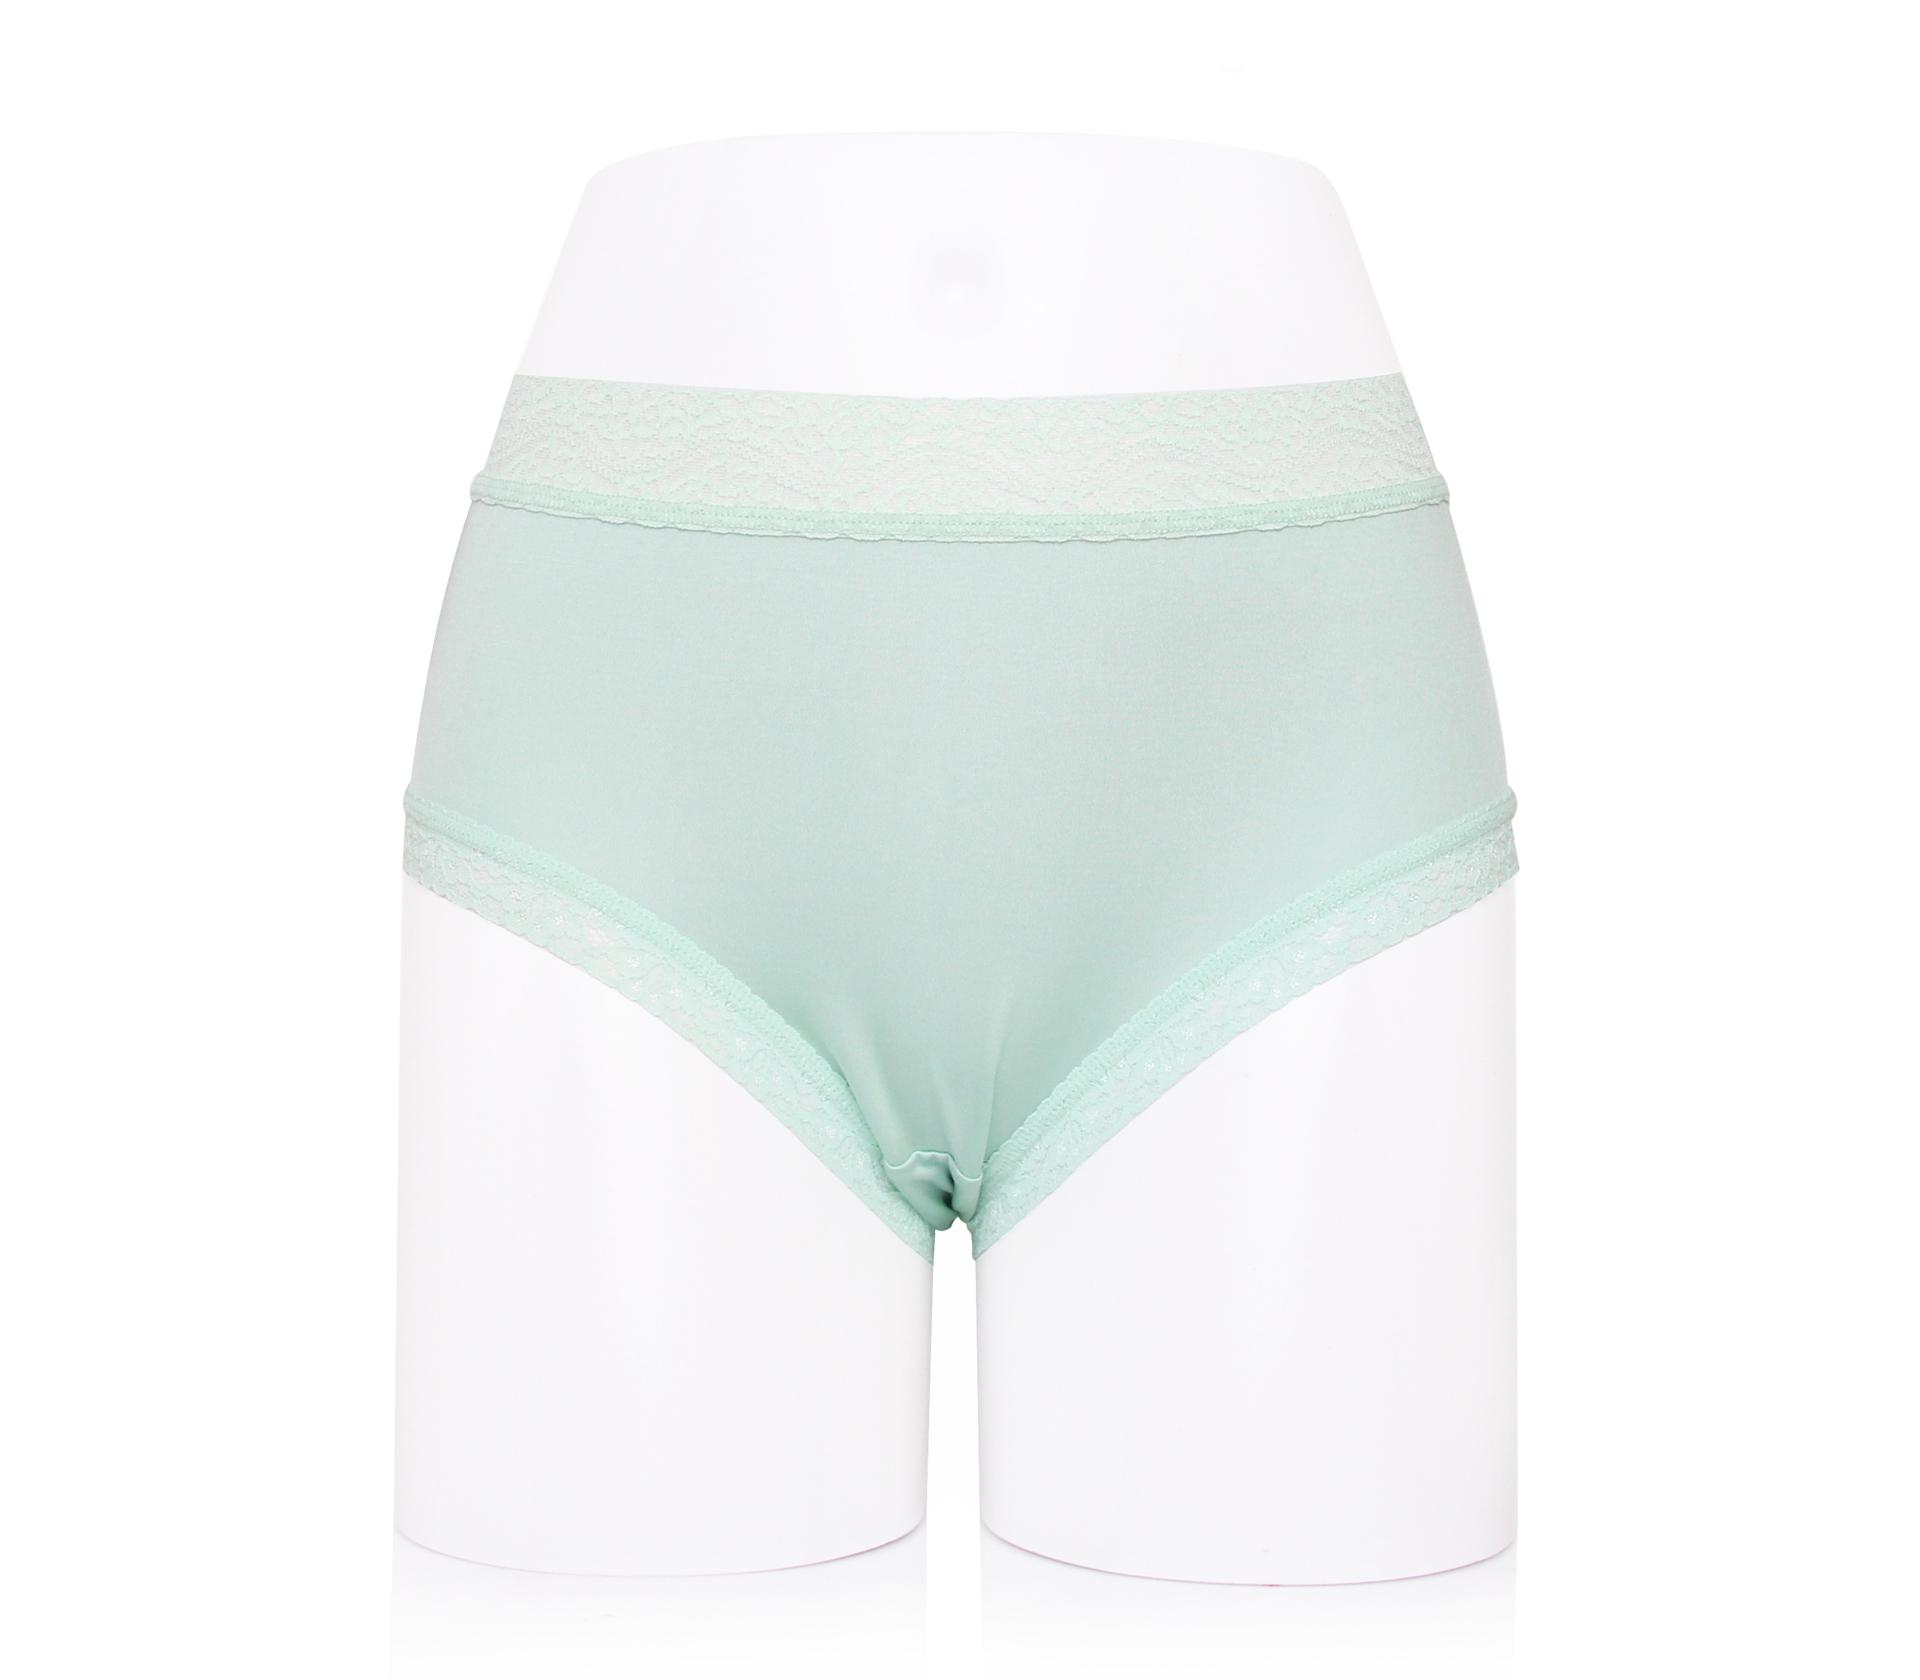 闕蘭絹典雅氣質40針100%蠶絲內褲-887902(綠)